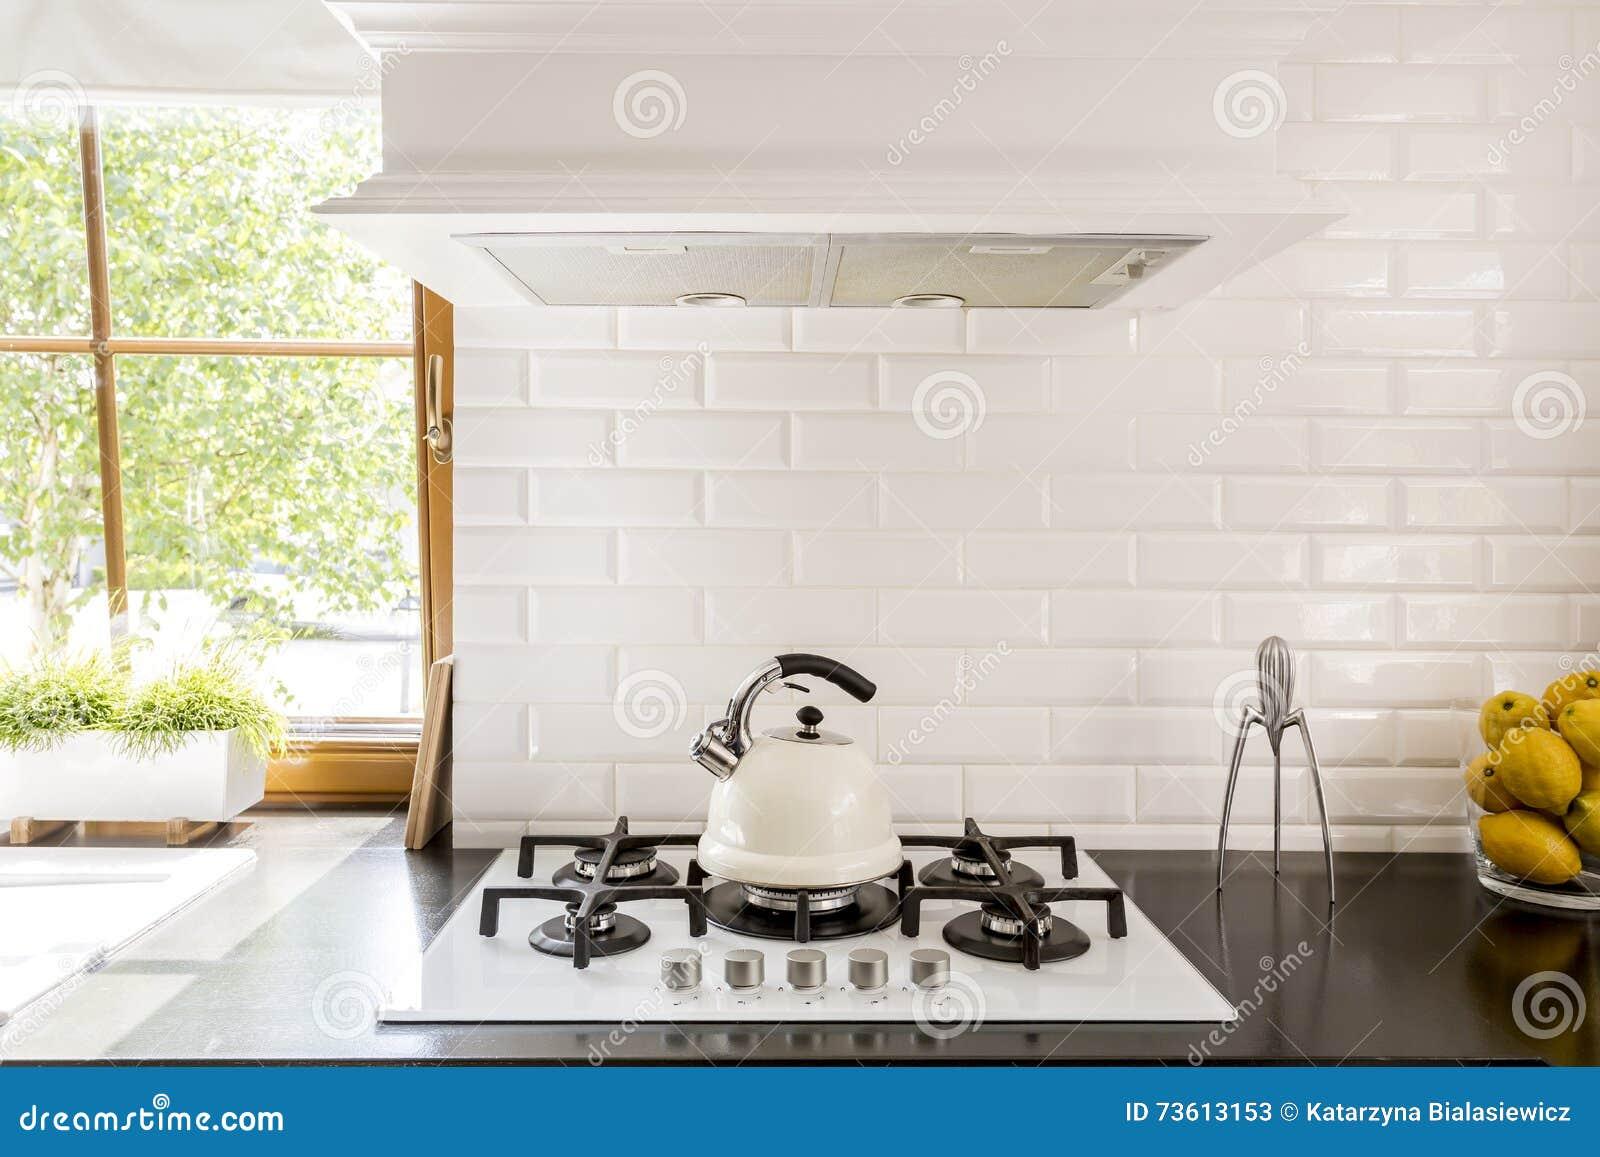 - White Brick Backsplash Idea Stock Image - Image Of Fixture, Modern